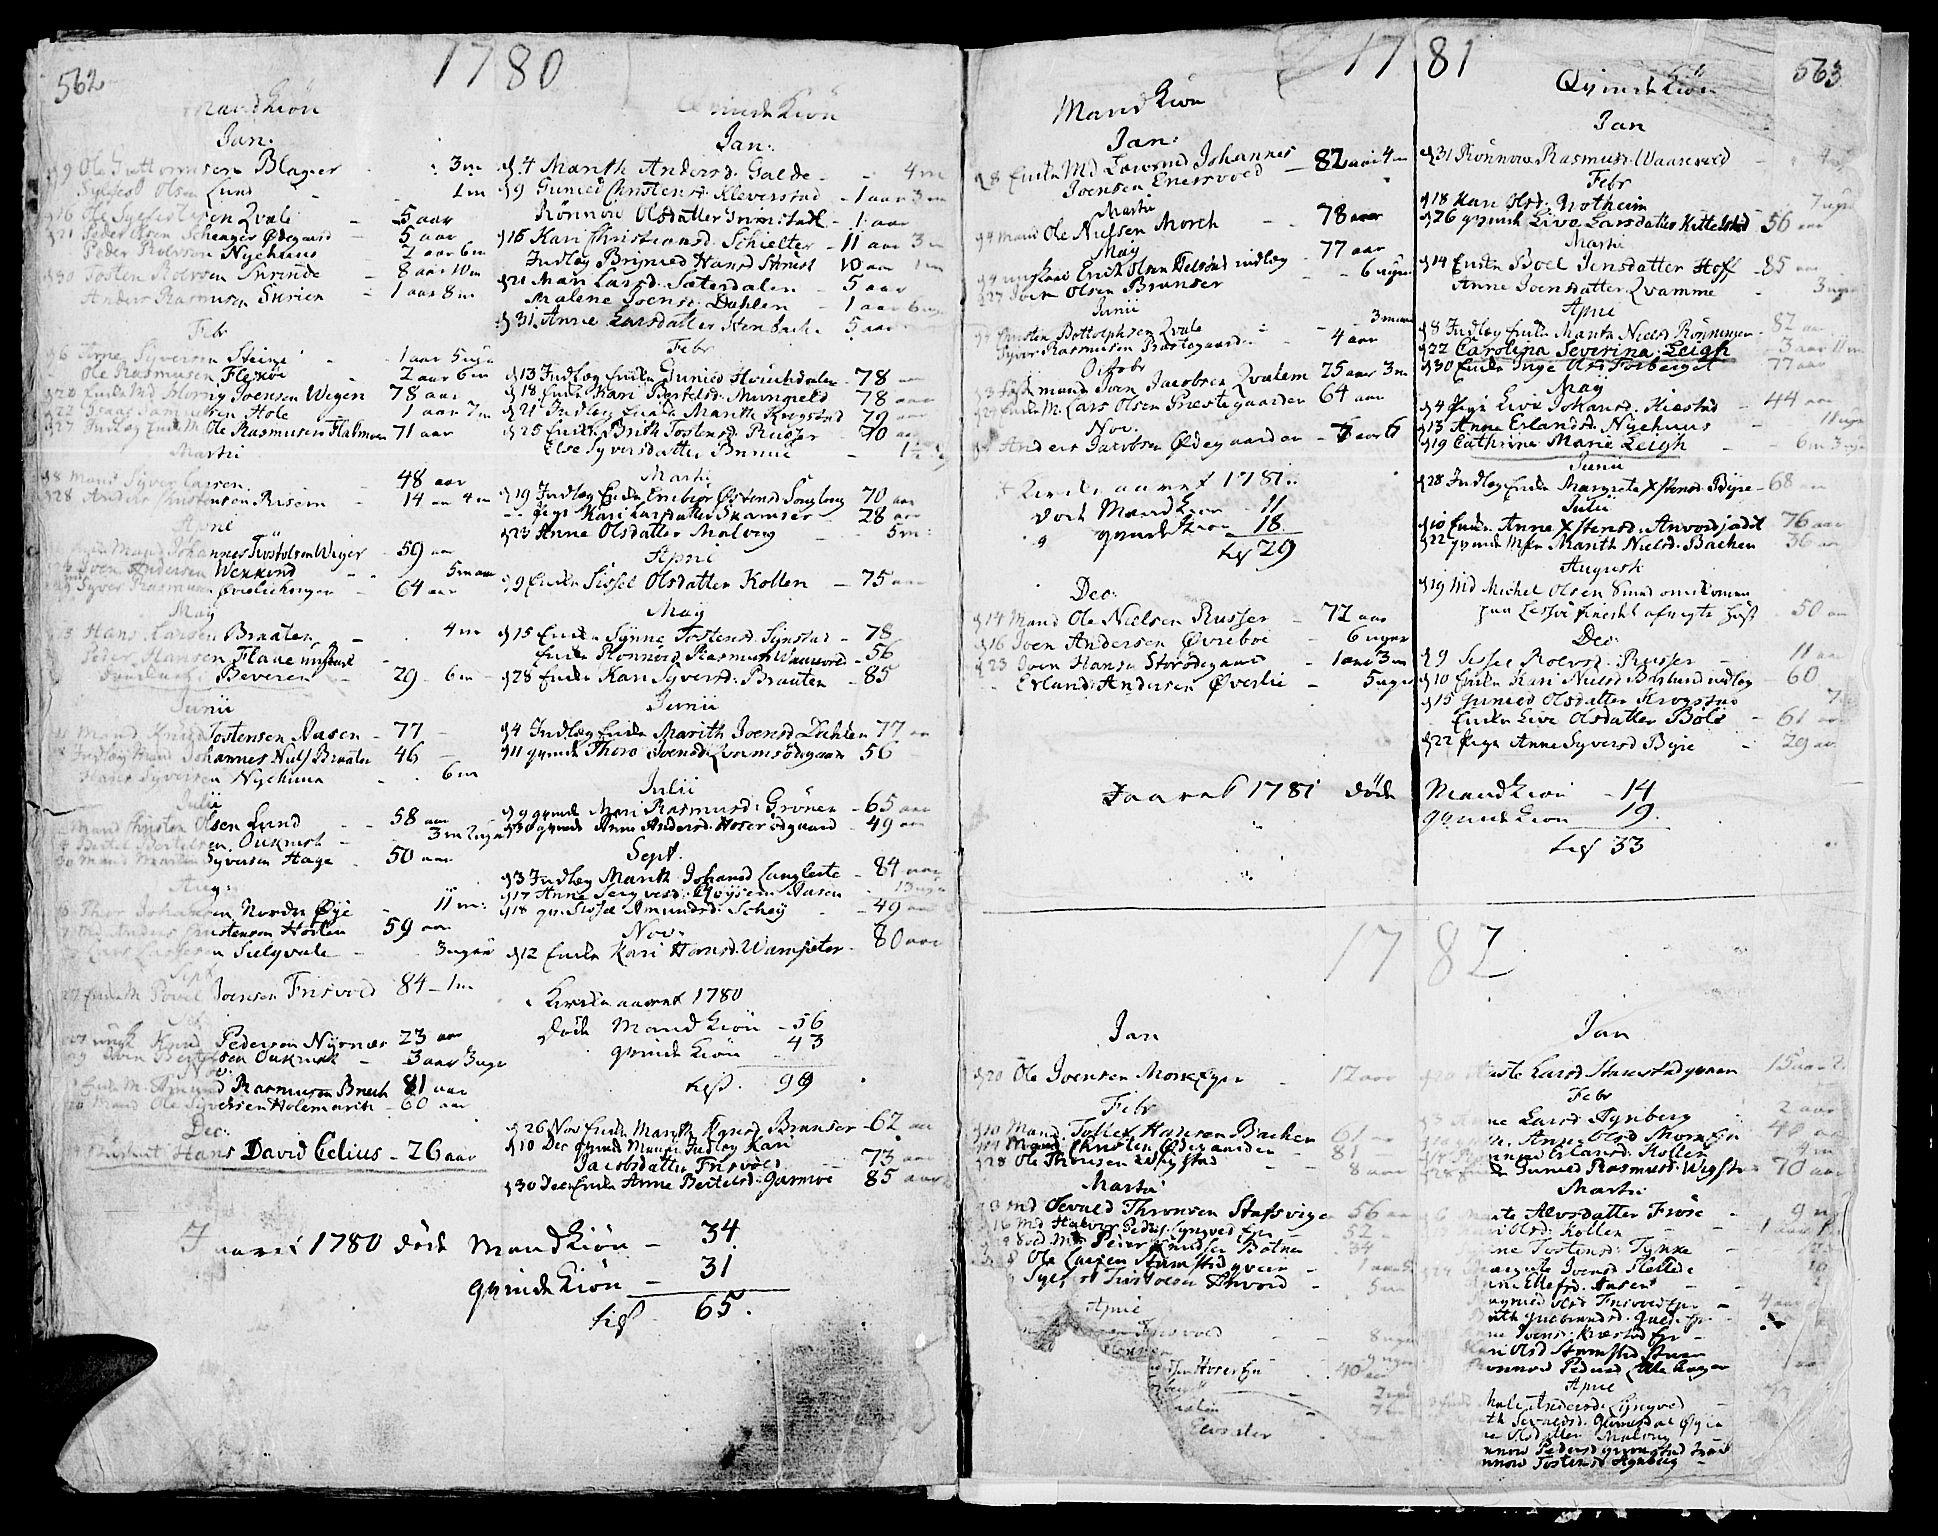 SAH, Lom prestekontor, K/L0002: Ministerialbok nr. 2, 1749-1801, s. 562-563